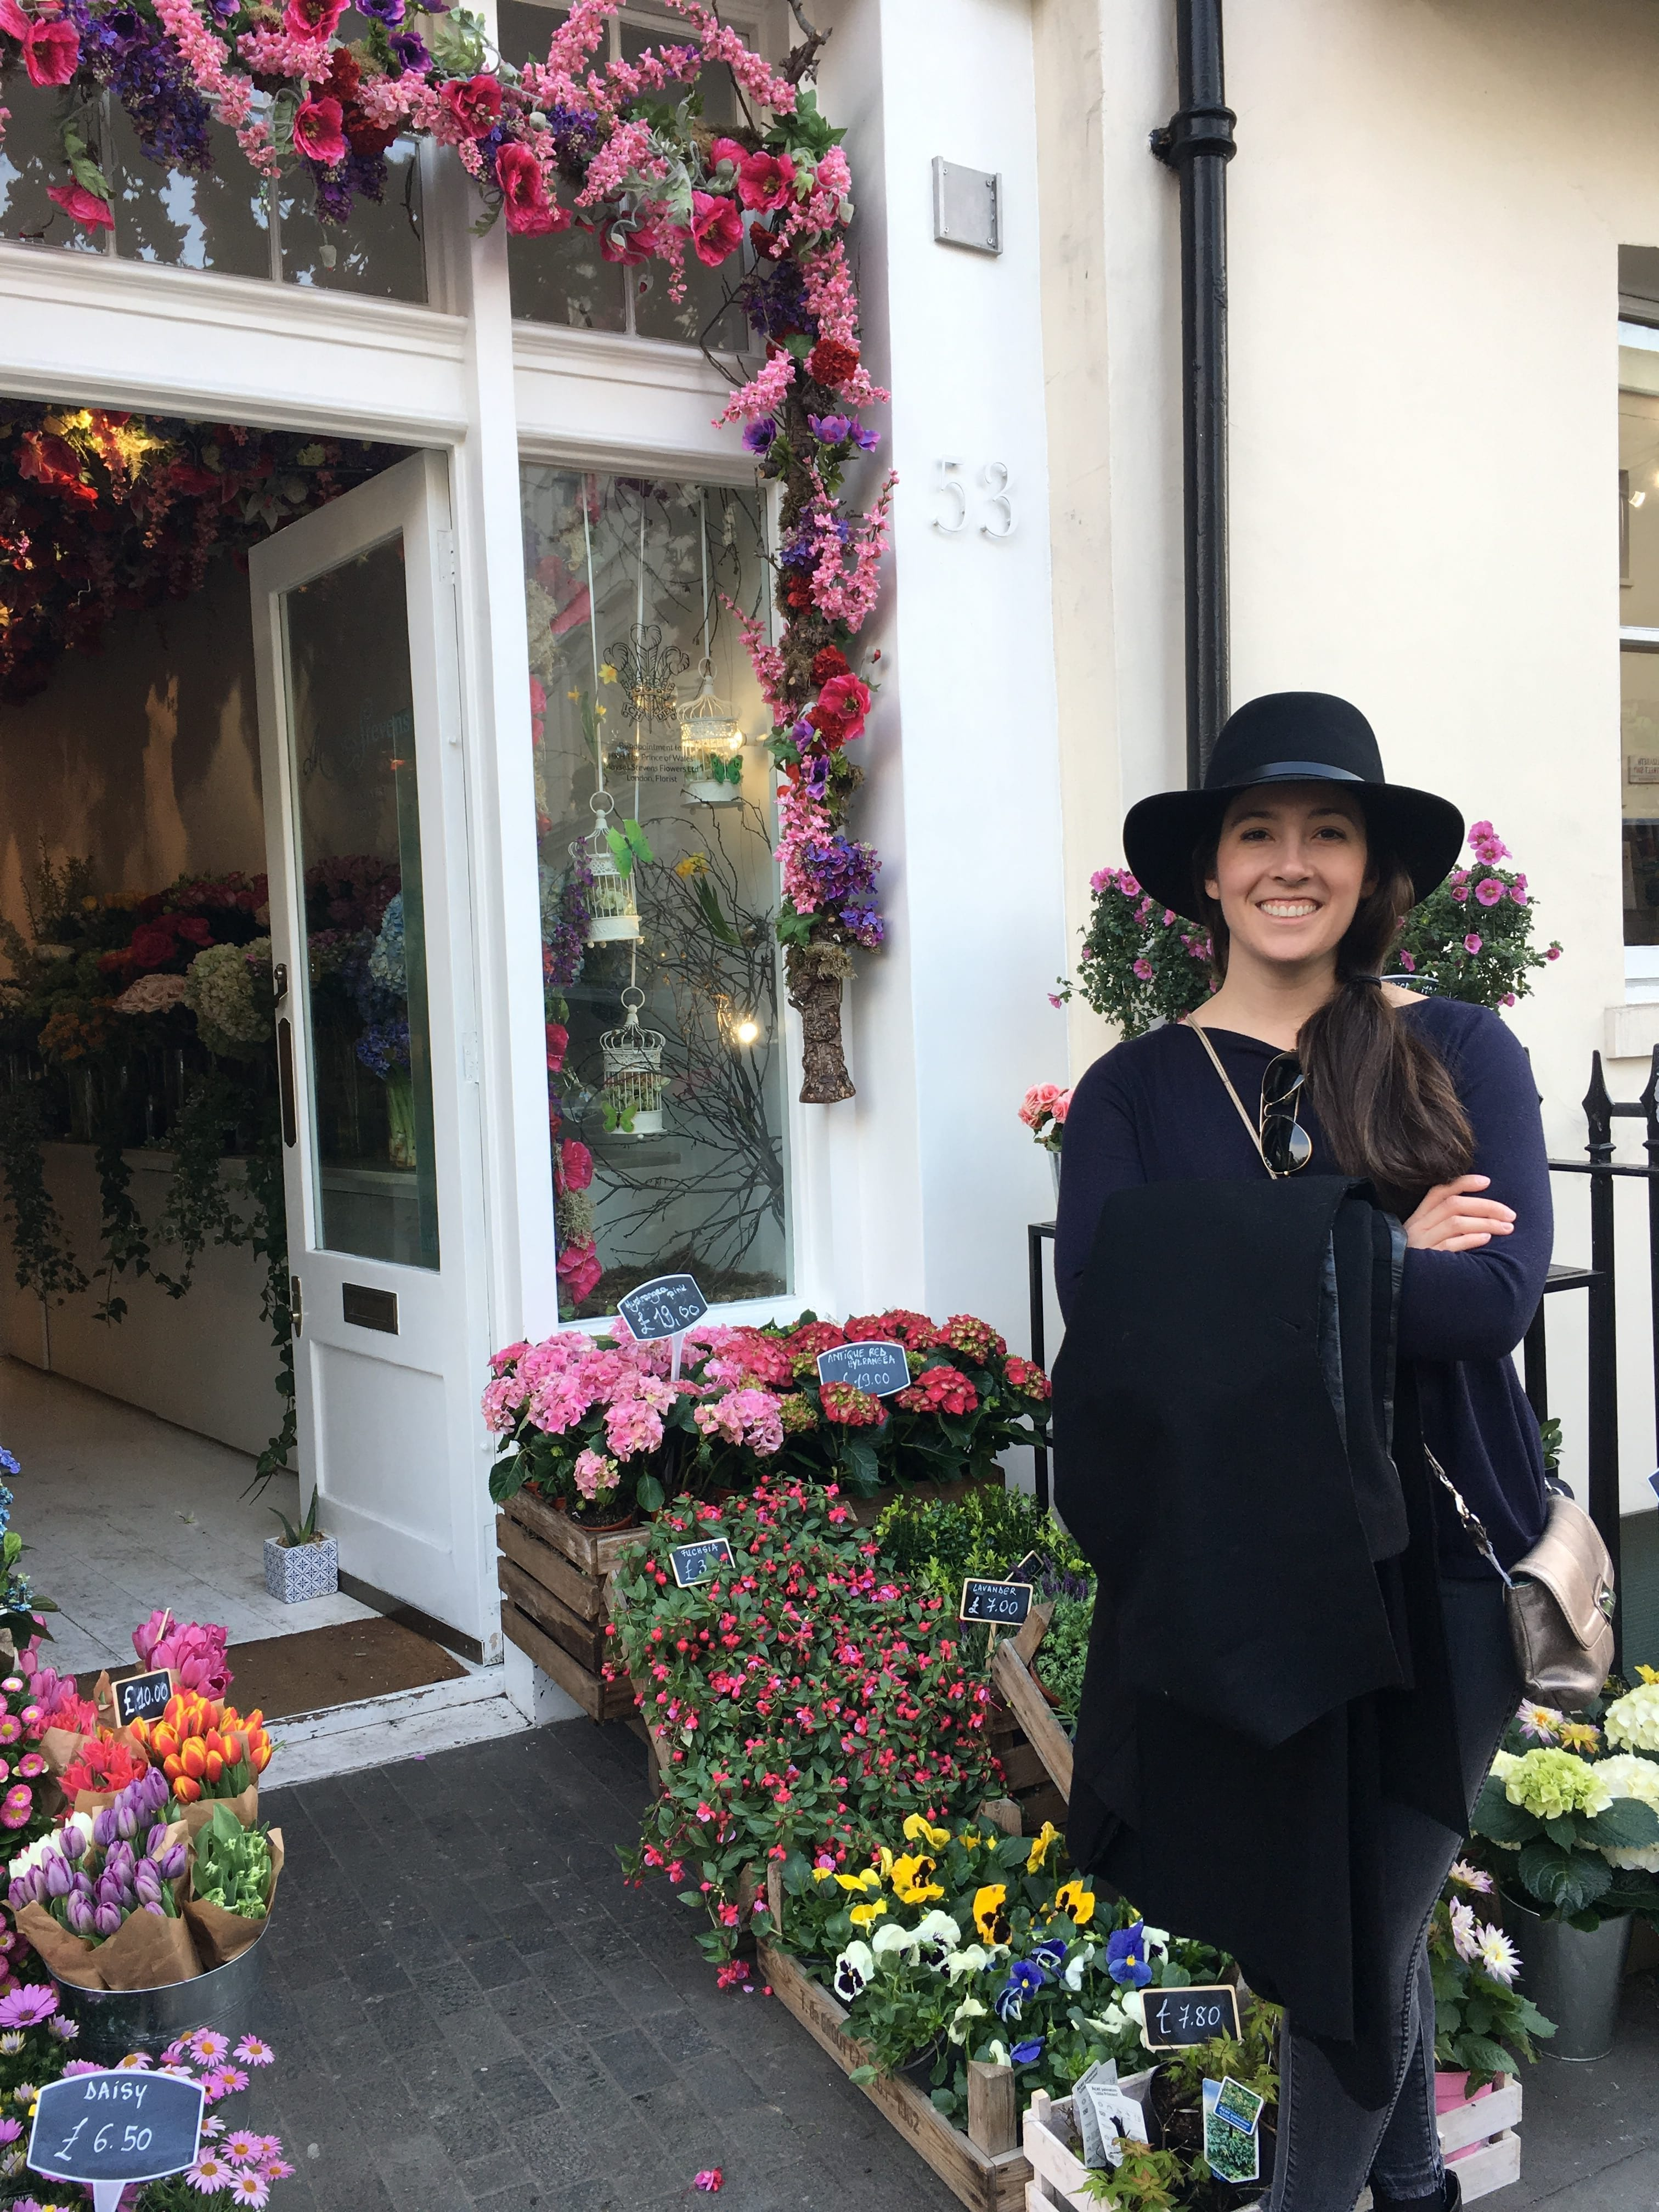 Stephanie outside a flower shop in Belgravia, London.